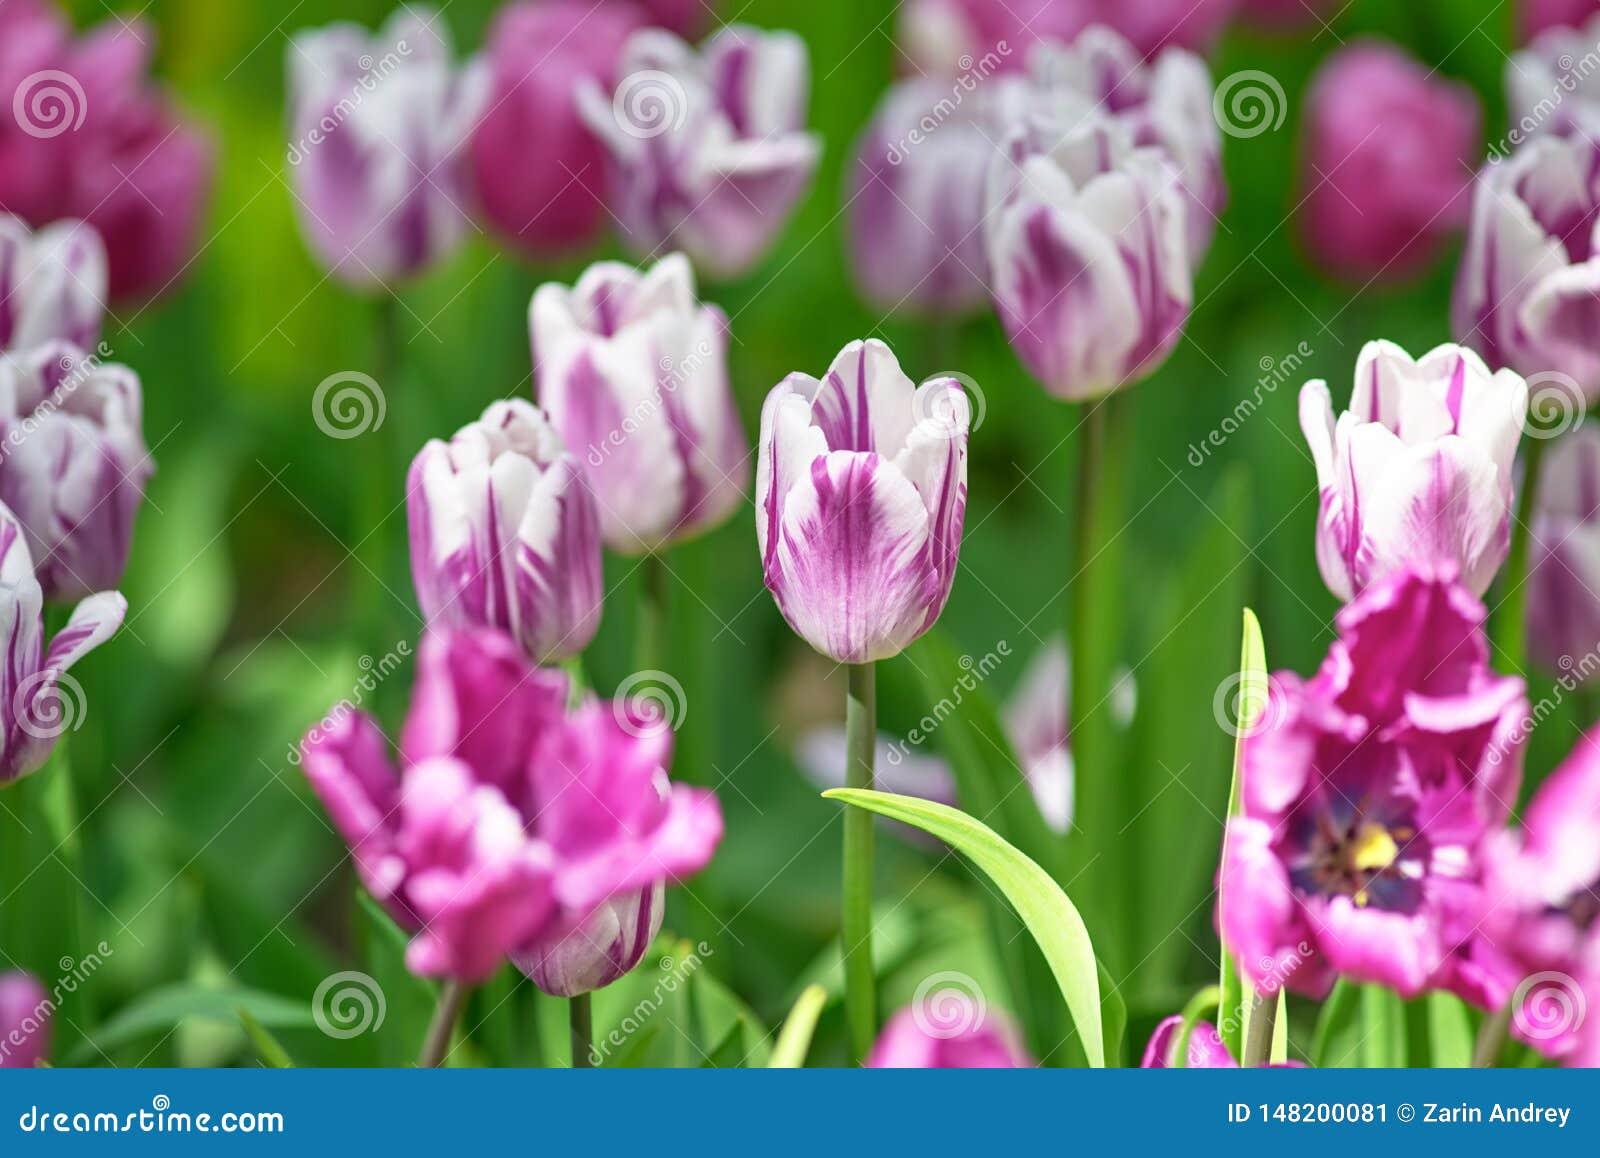 Lilas un jour ensoleill? sur un fond vert Rems de vari?t? de tulipe pr?f?r?s